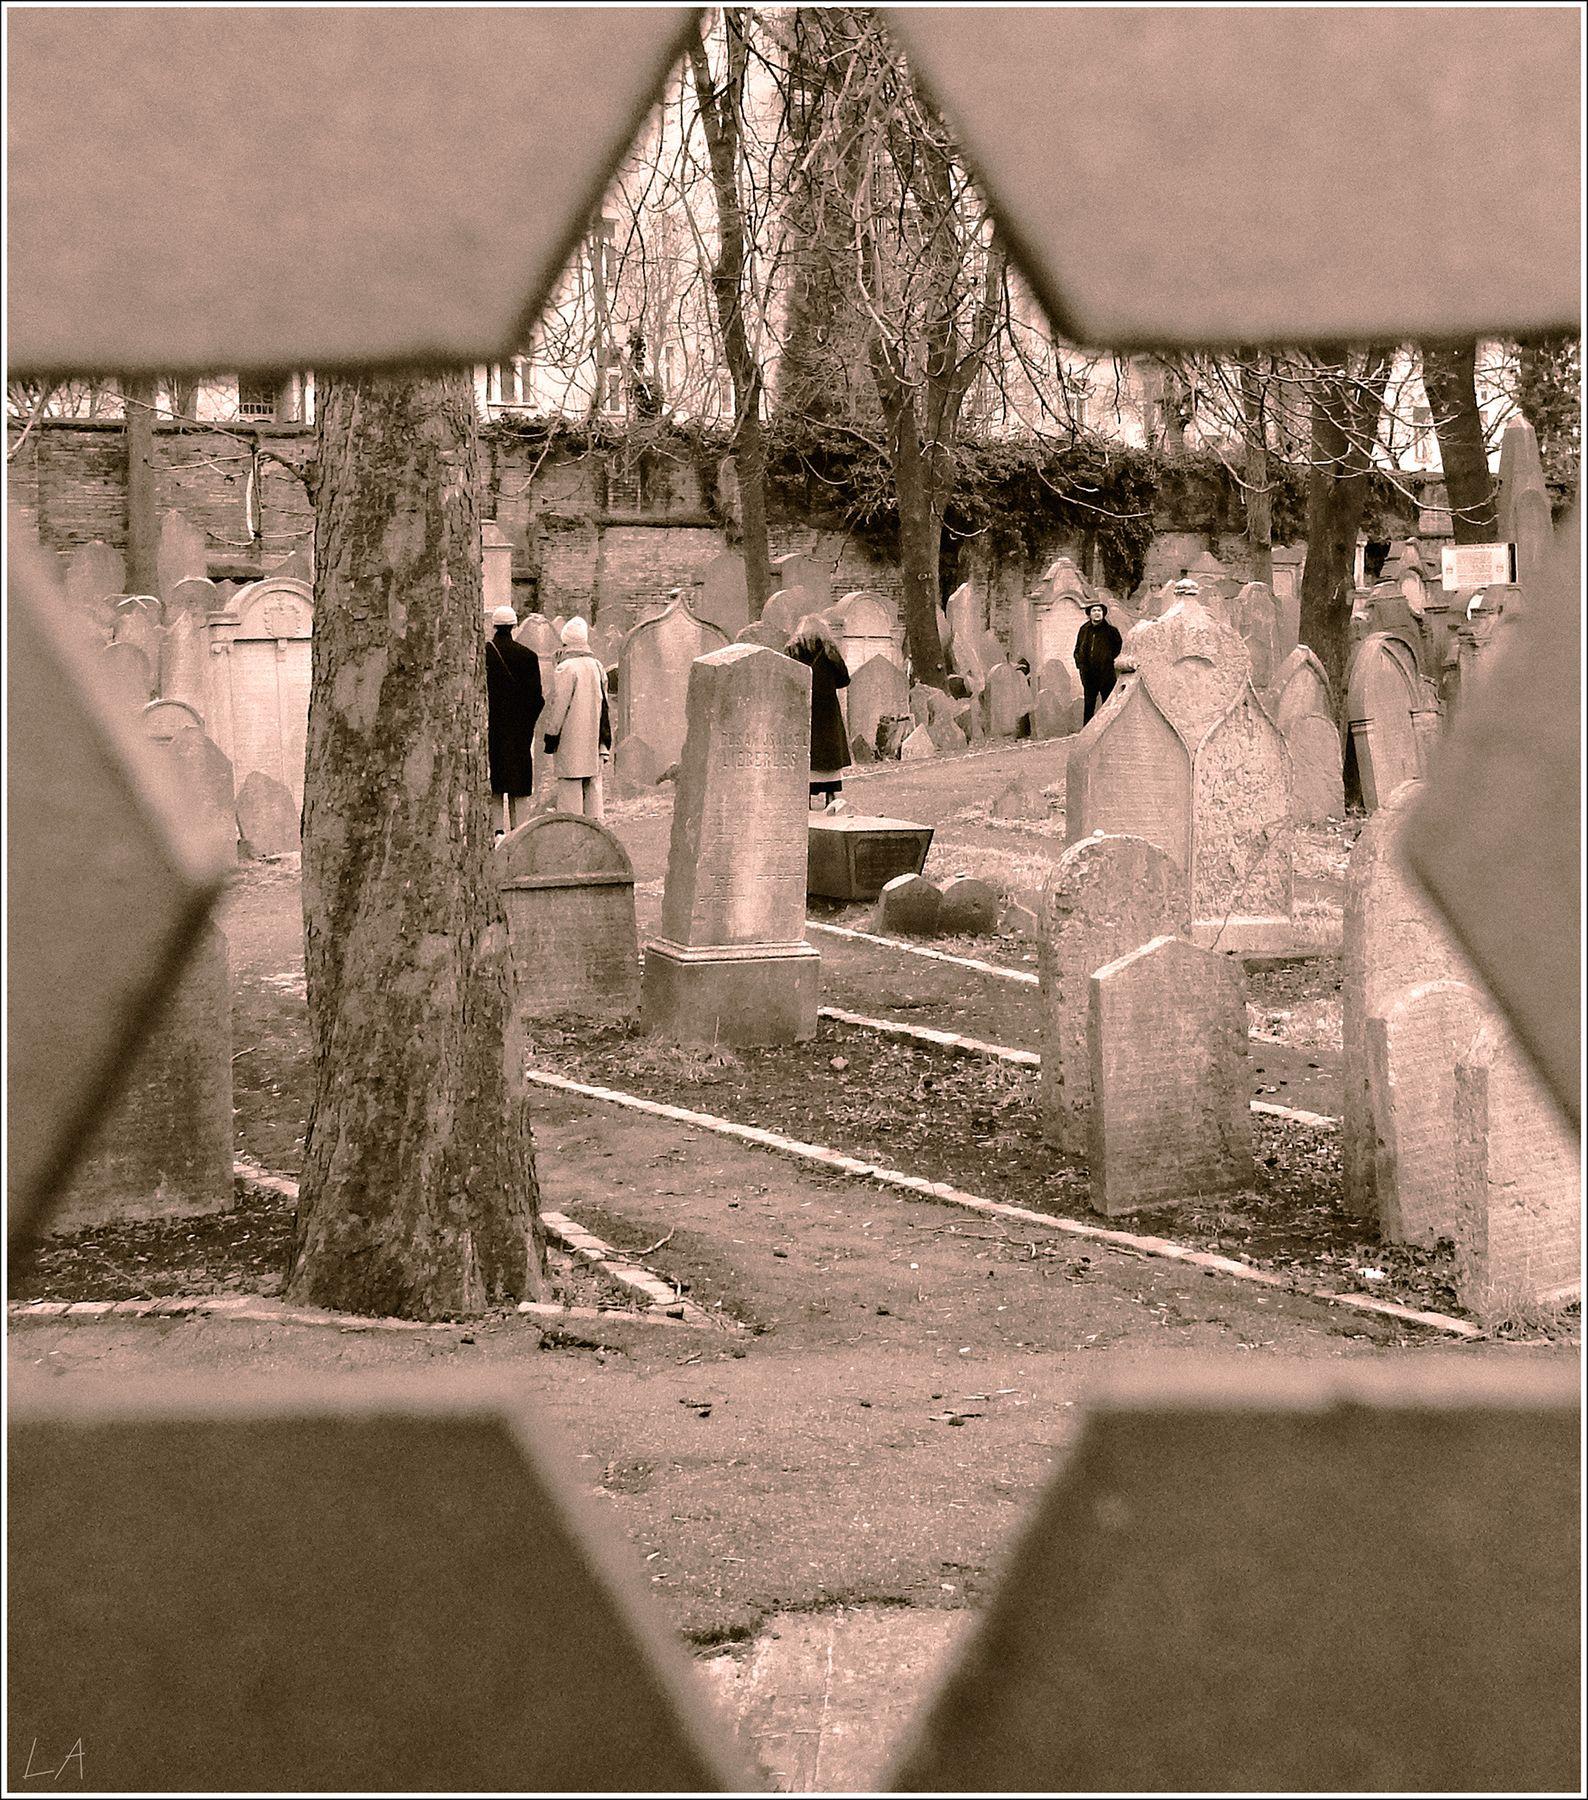 *Старое еврейское кладбище в Праге* фотография путешествия Прага кладбище зима город Фото.Сайт Photo.Sight Светлана Мамакина Lihgra Adventure